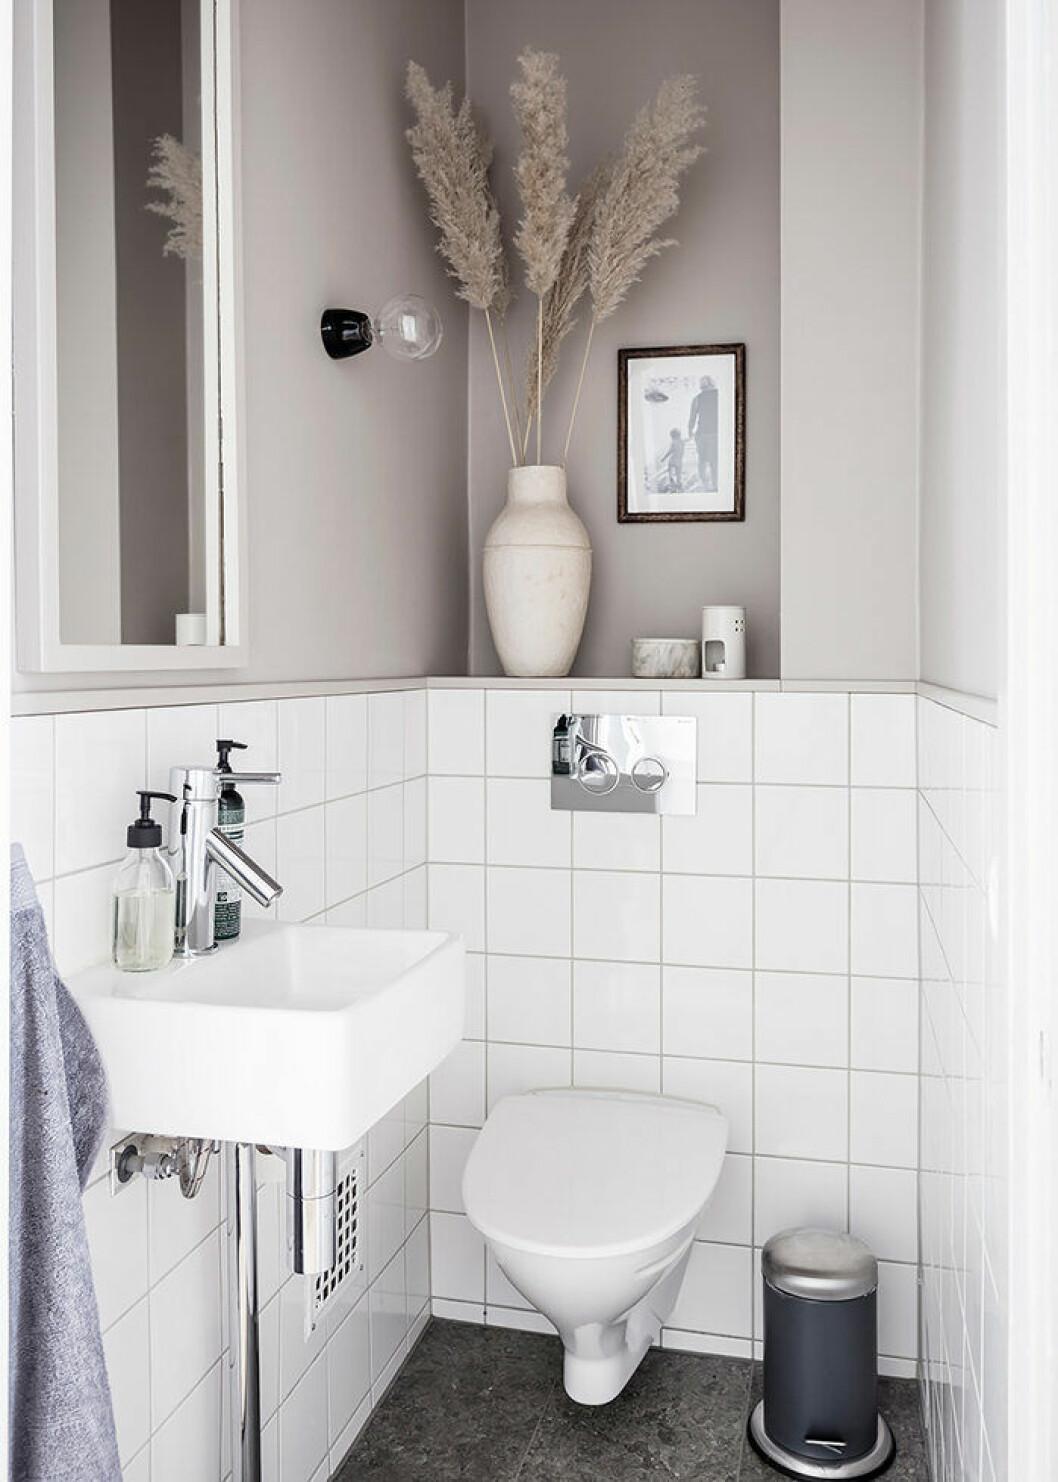 Ljusa färger får det lilla badrummet att kännas större